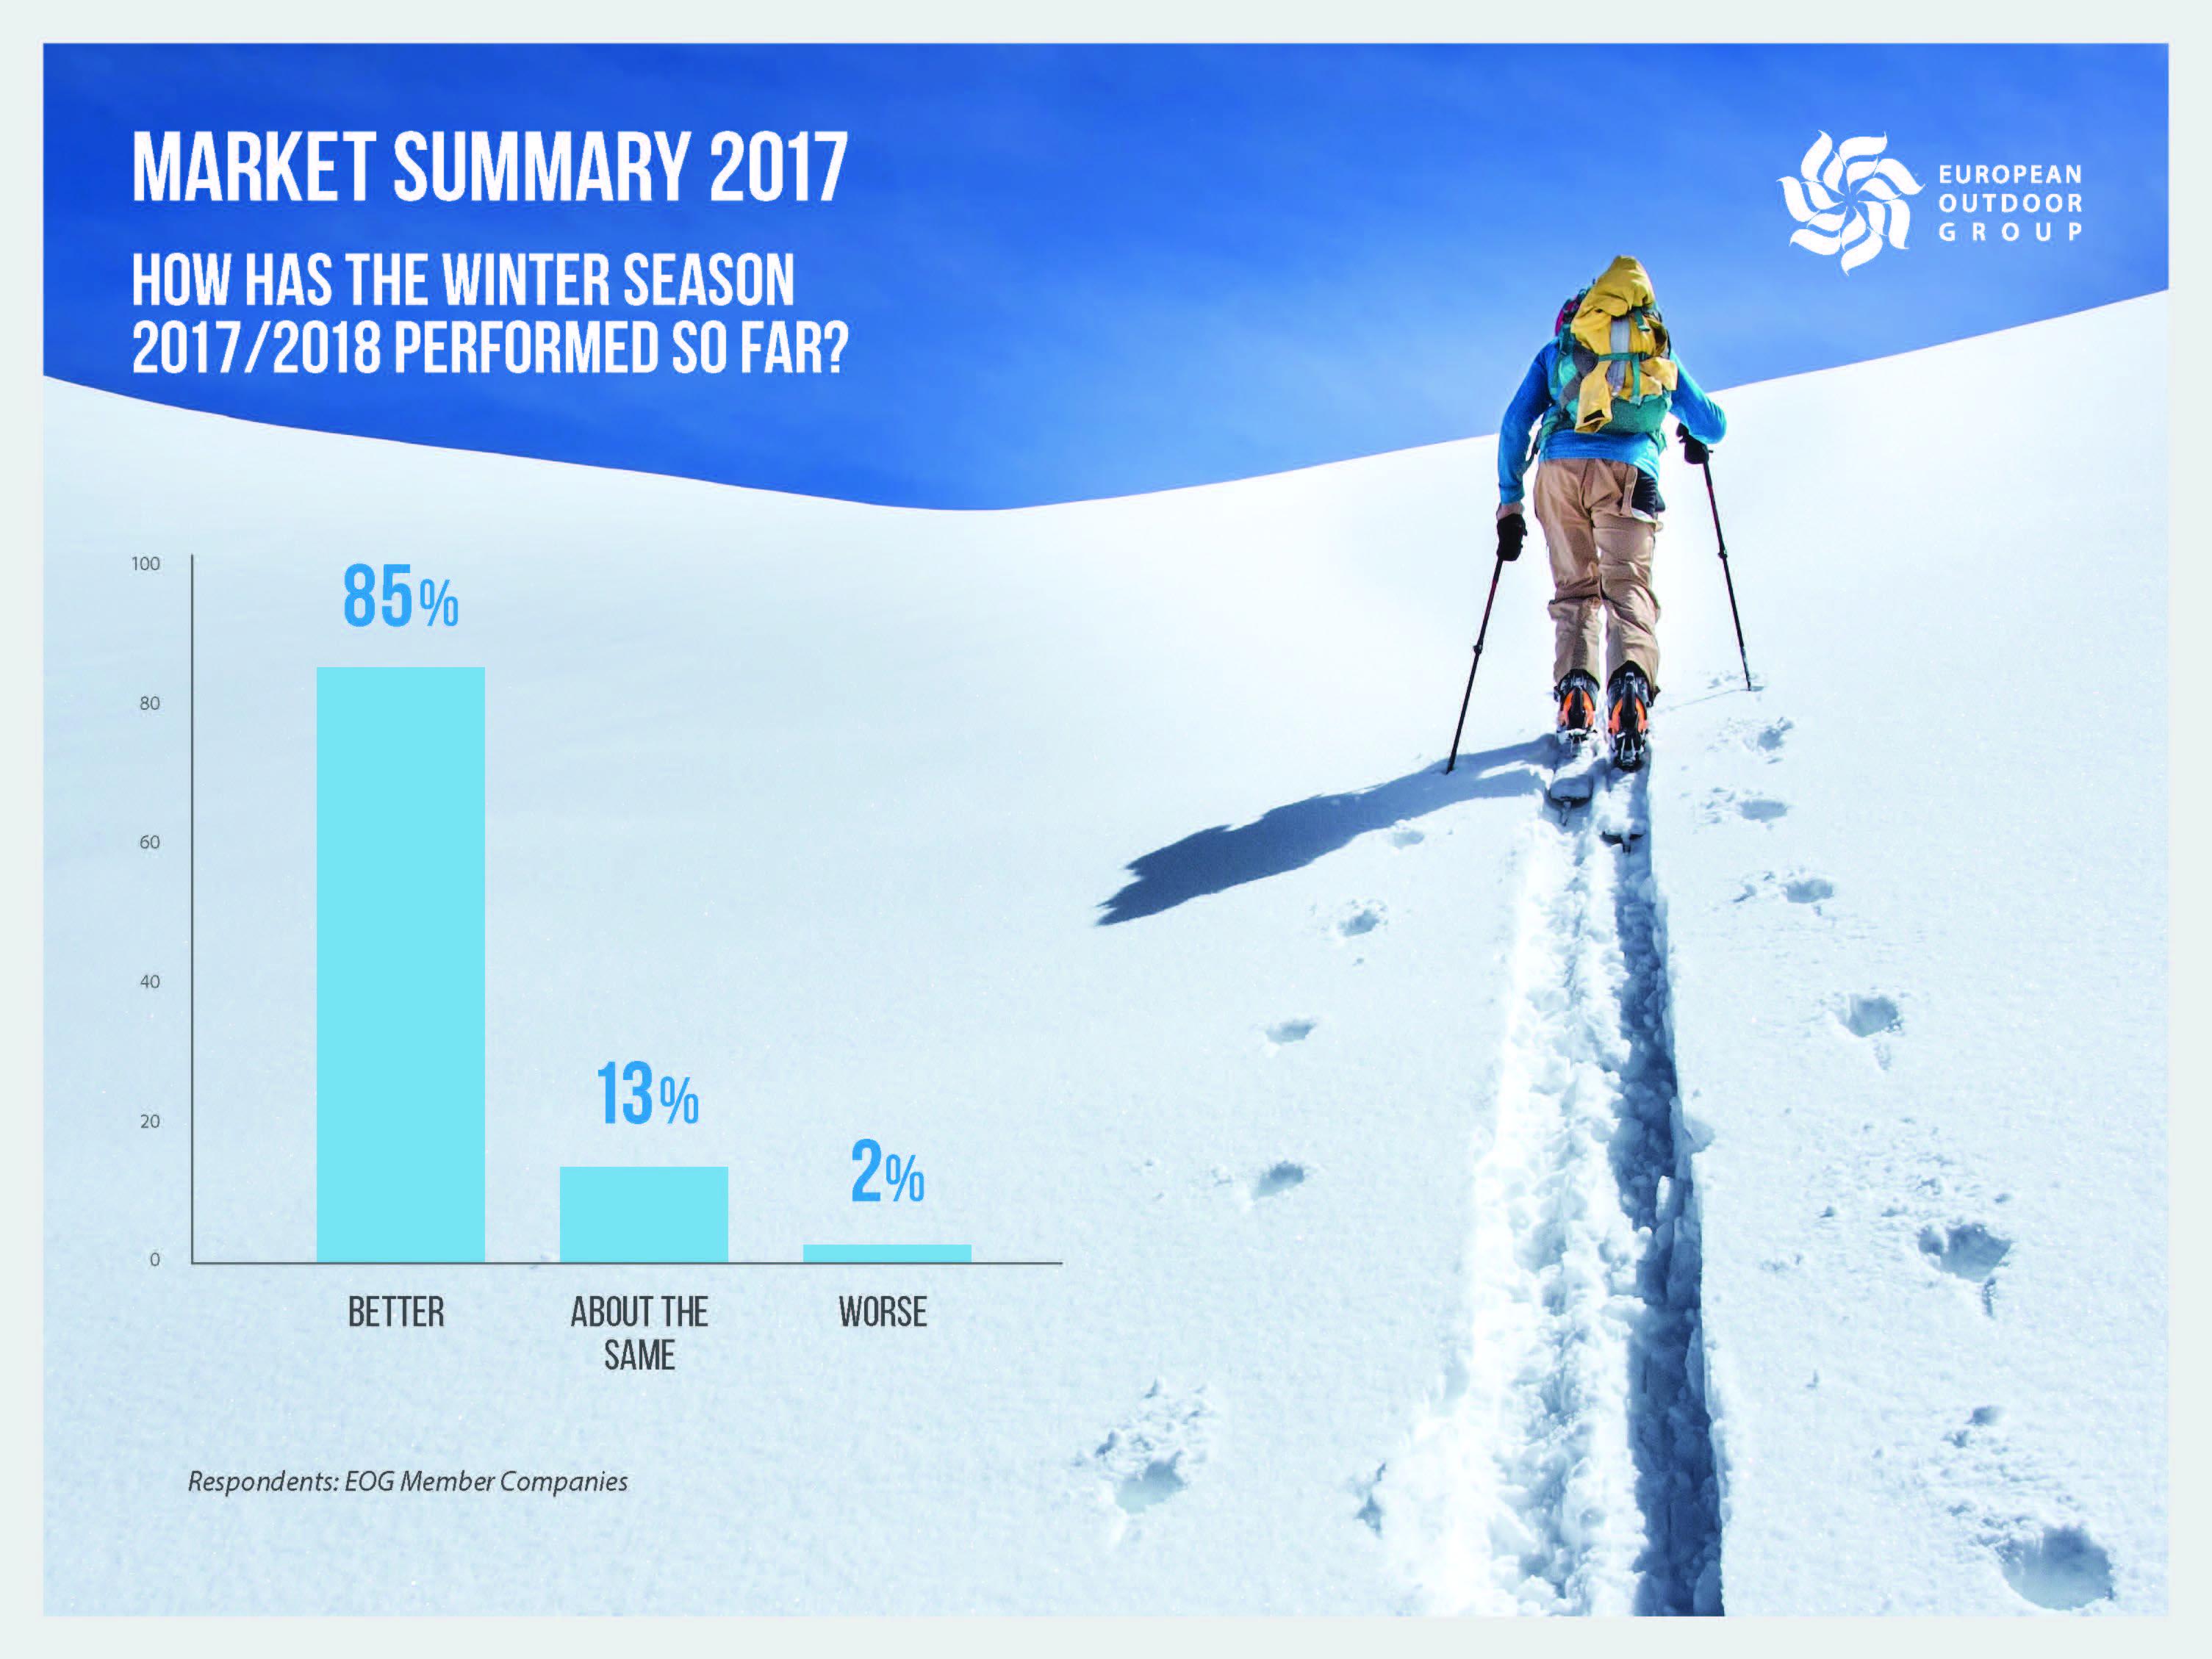 Badanie rynku EOG wskazuje na dobrą sytuację branży w 2017 roku